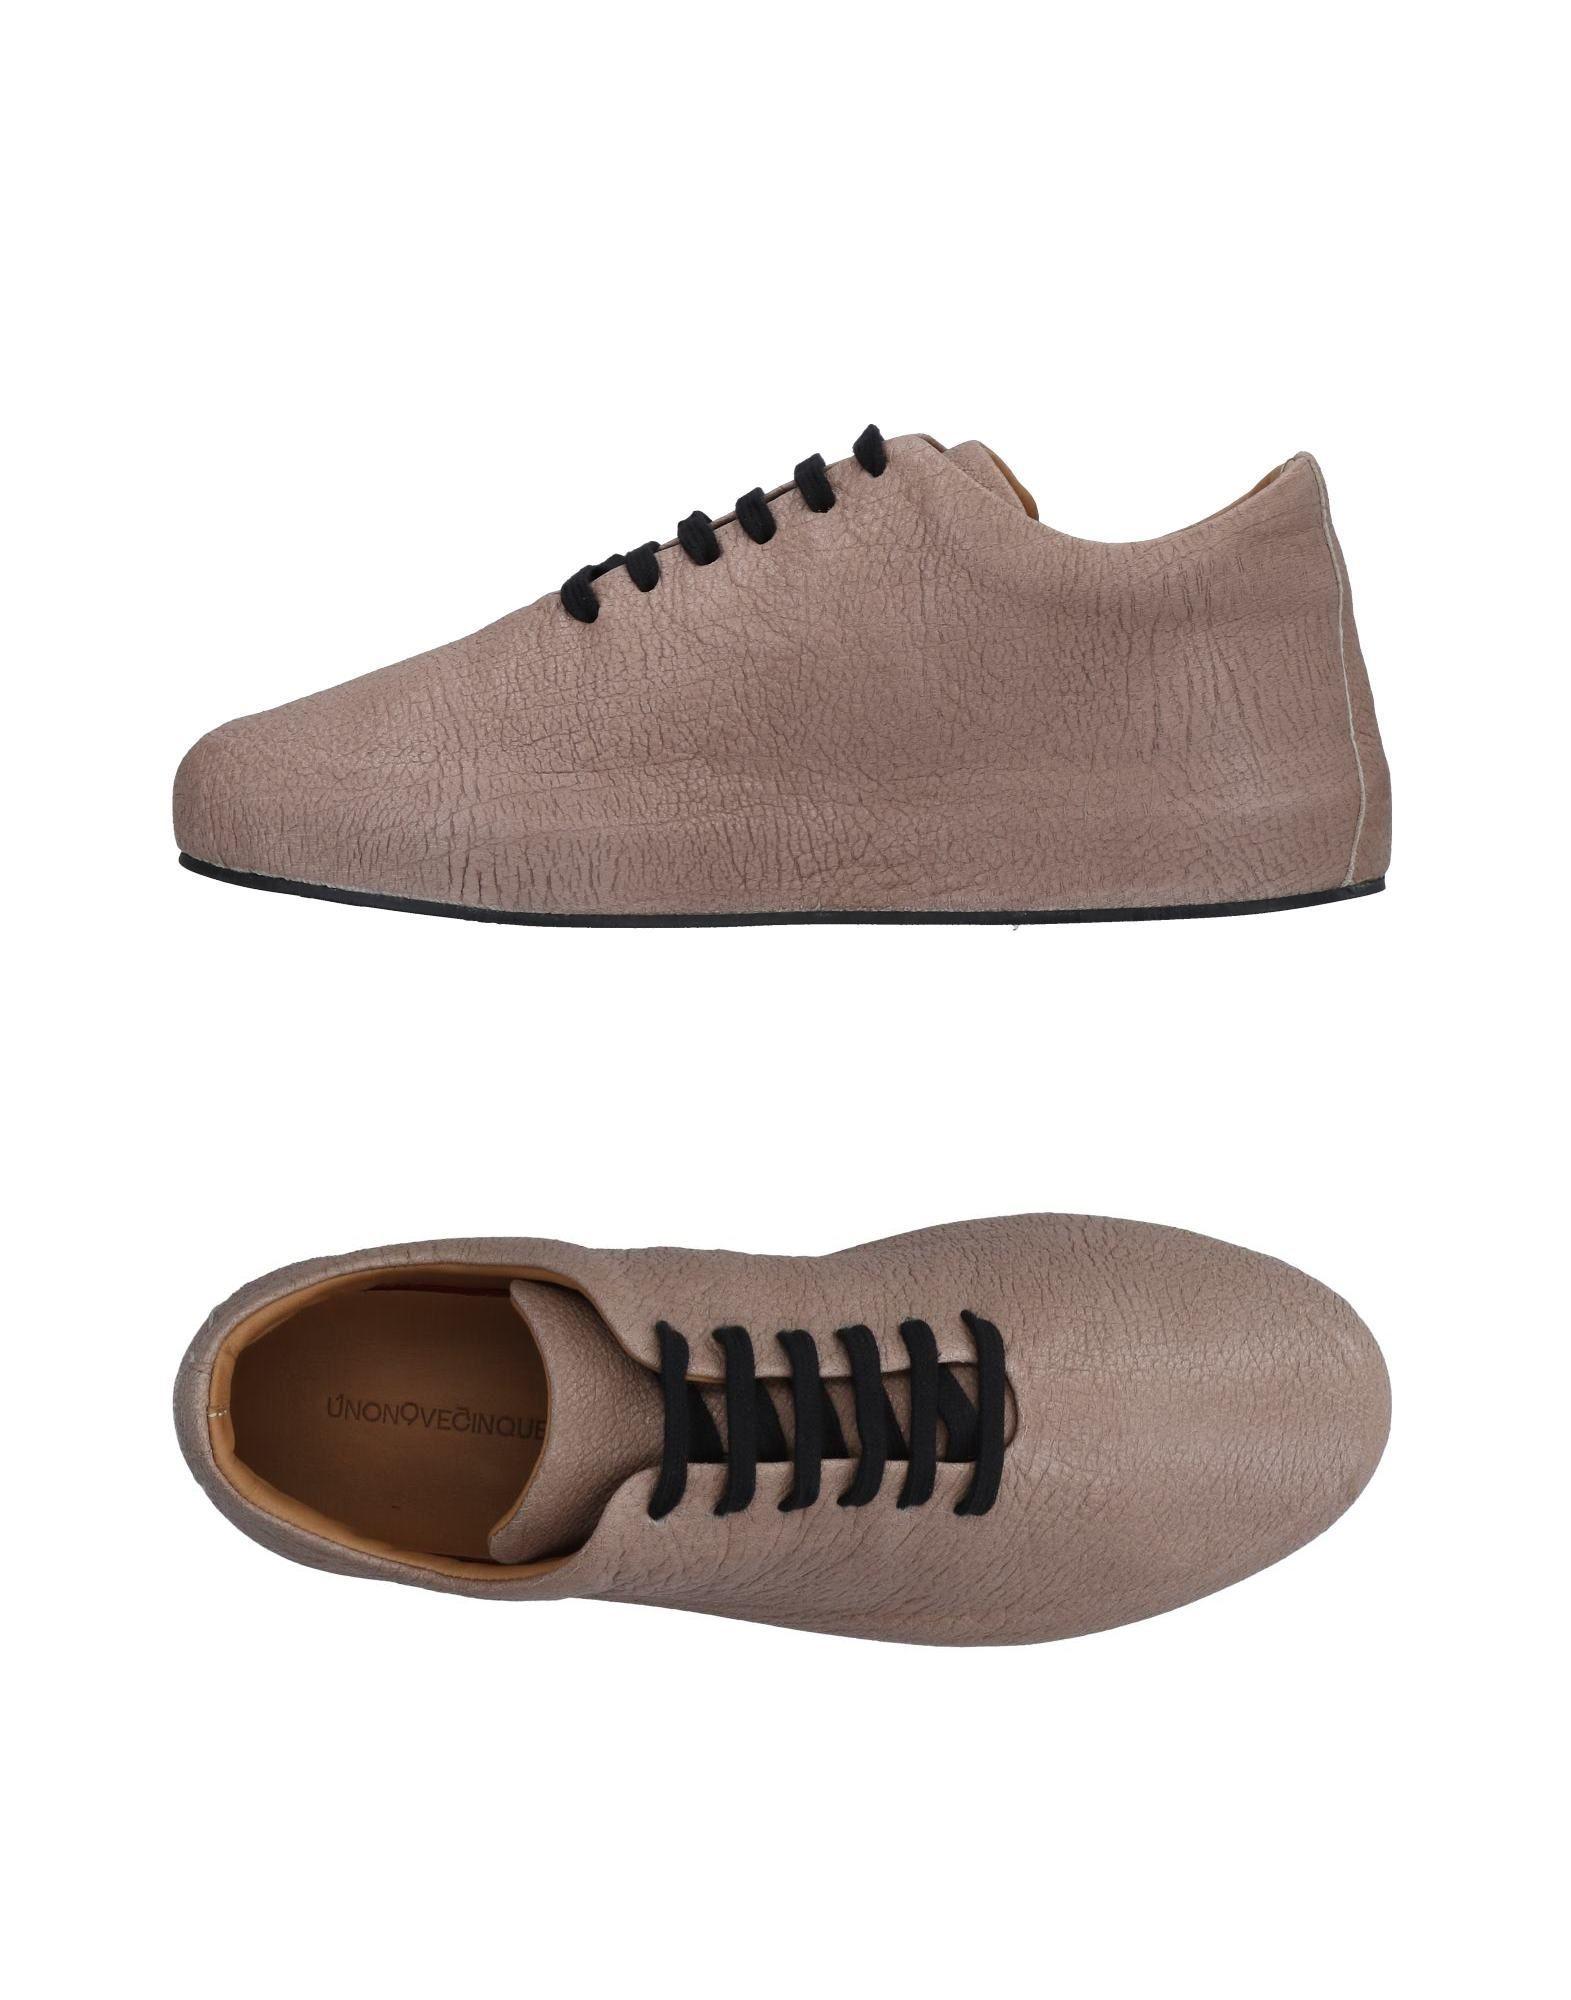 Unonovecinque Sneakers Herren  11489803IH Gute Qualität beliebte Schuhe